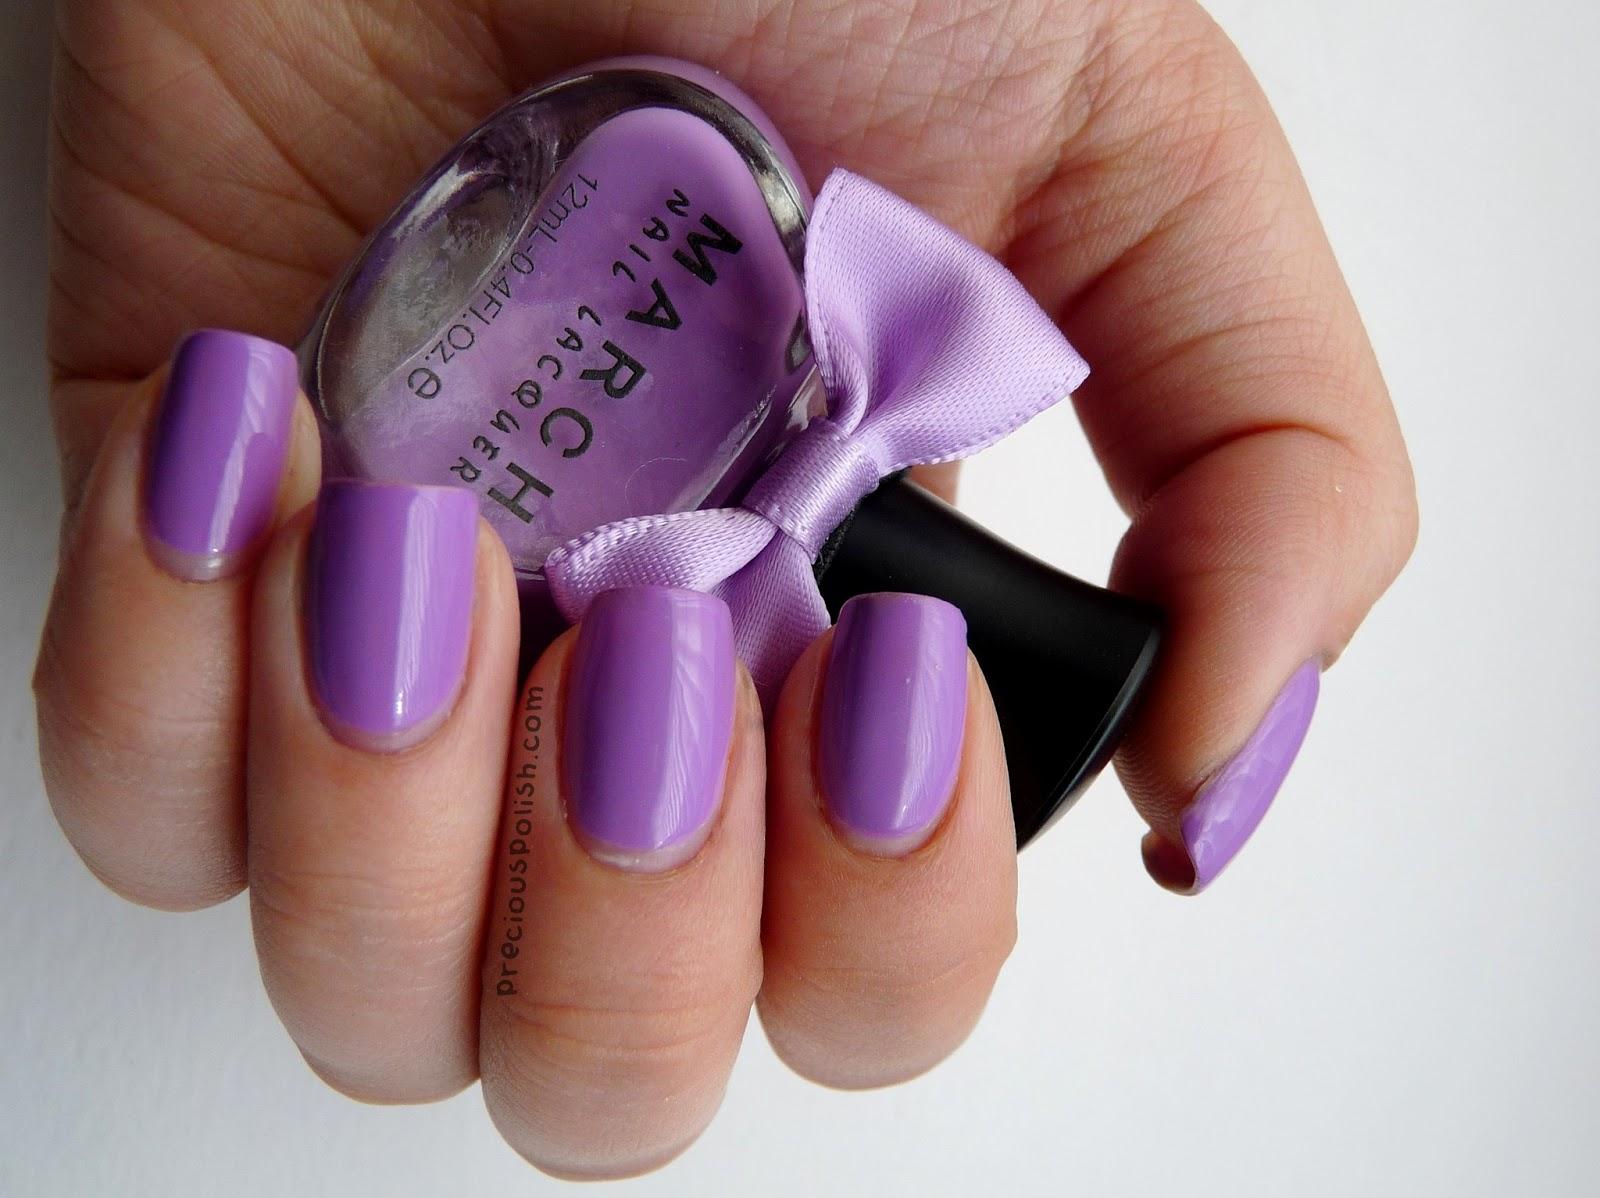 precious polish: Born Pretty Store Review: March Nail Lacquer MM-005 ...